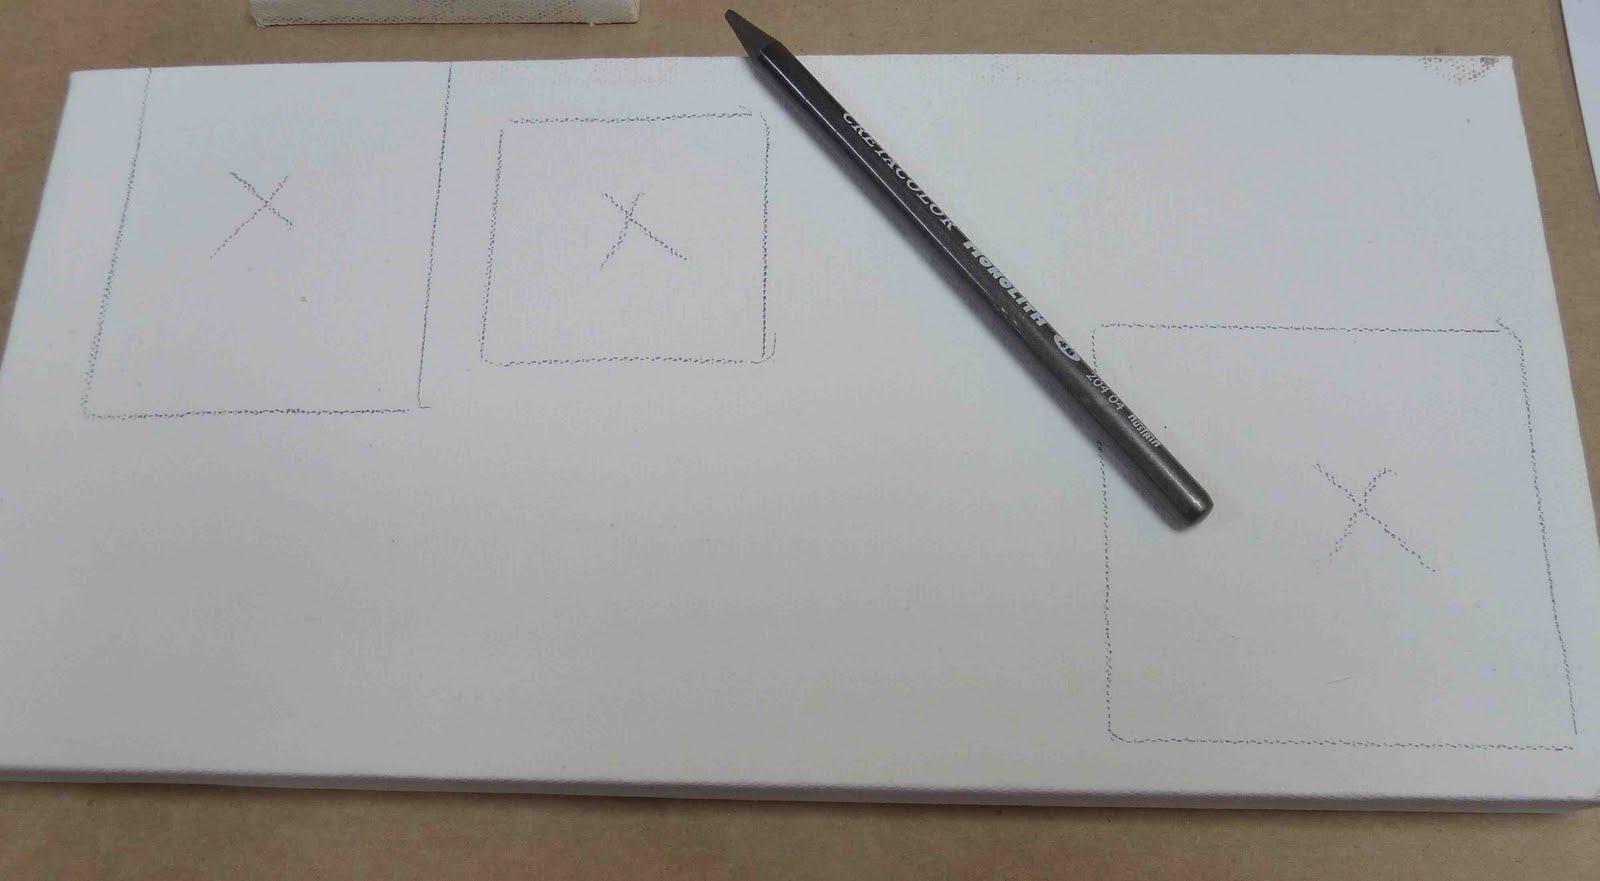 http://3.bp.blogspot.com/-VAesj57Nr5k/TjYRNRwuSJI/AAAAAAAAAgA/K1k7vC3gq_8/s1600/drawgridlines.jpg